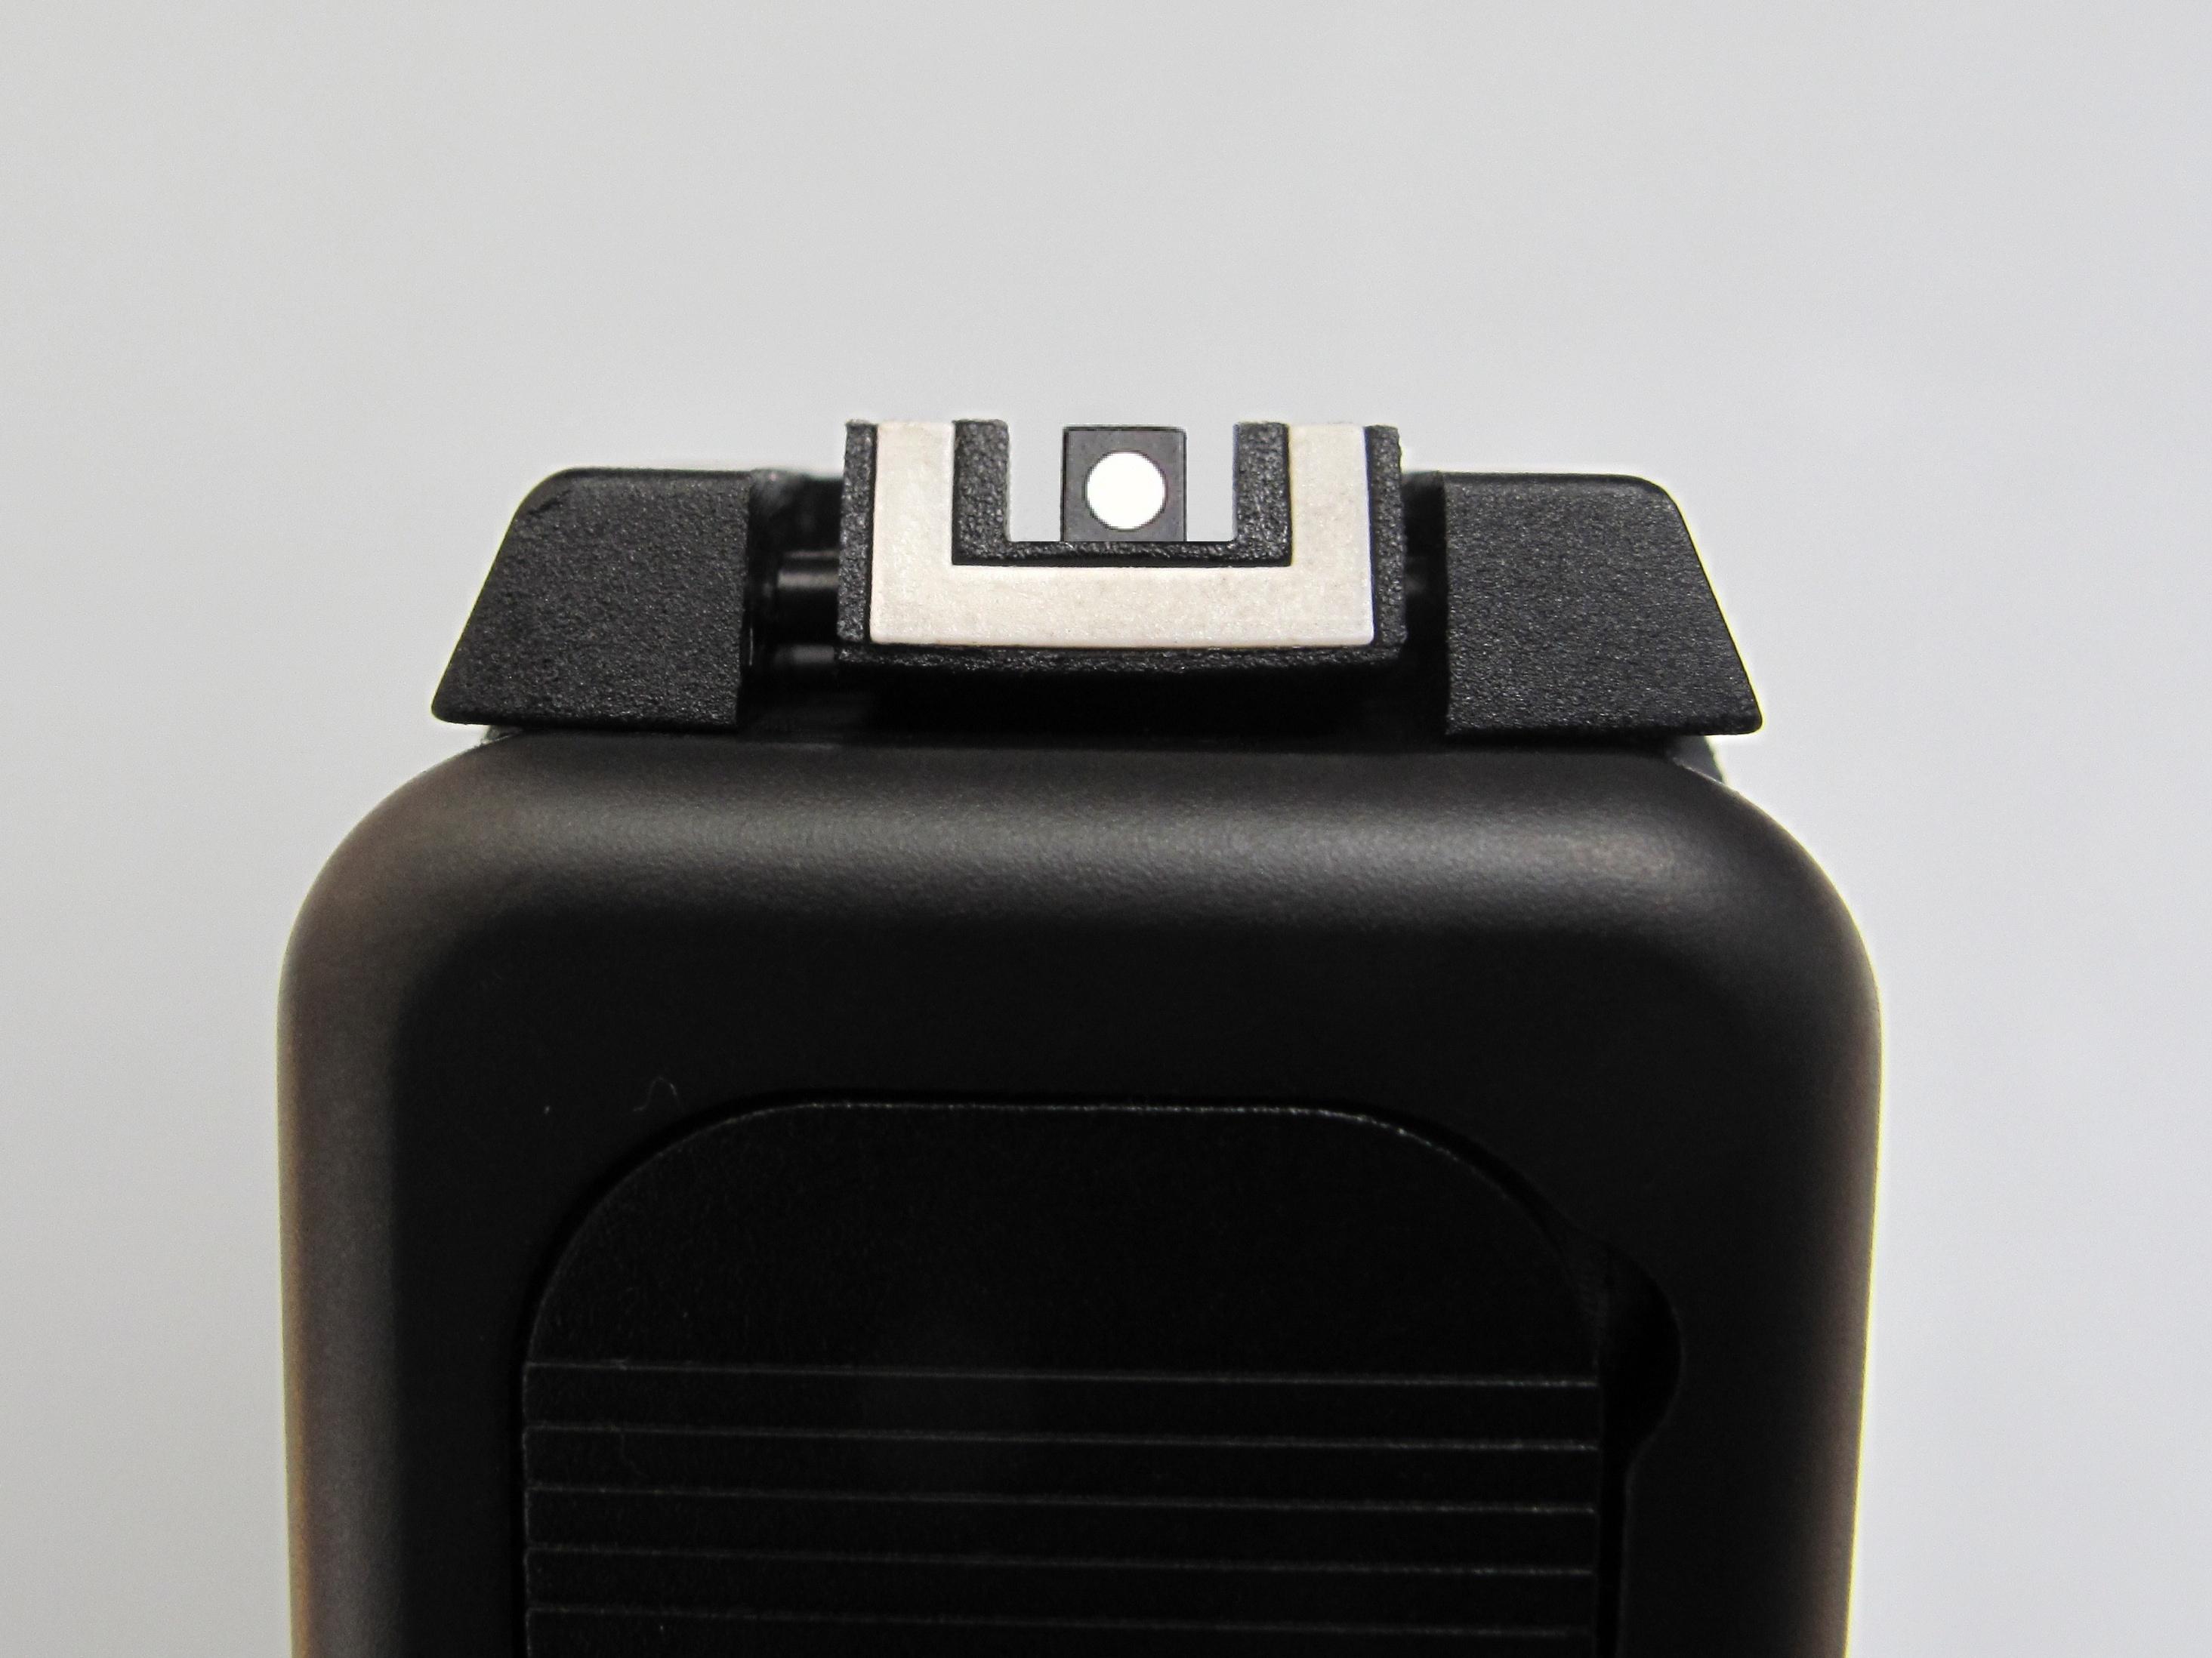 Voici une photo illustrant le positionnement correct du guidon à l'intérieur du cran de mire au moment de la prise de visée. Il s'agit ici d'un pistolet Glock muni d'une hausse réglable, mais la façon d'aligner ces deux éléments est la même quelle que soit l'arme qu'on utilise.